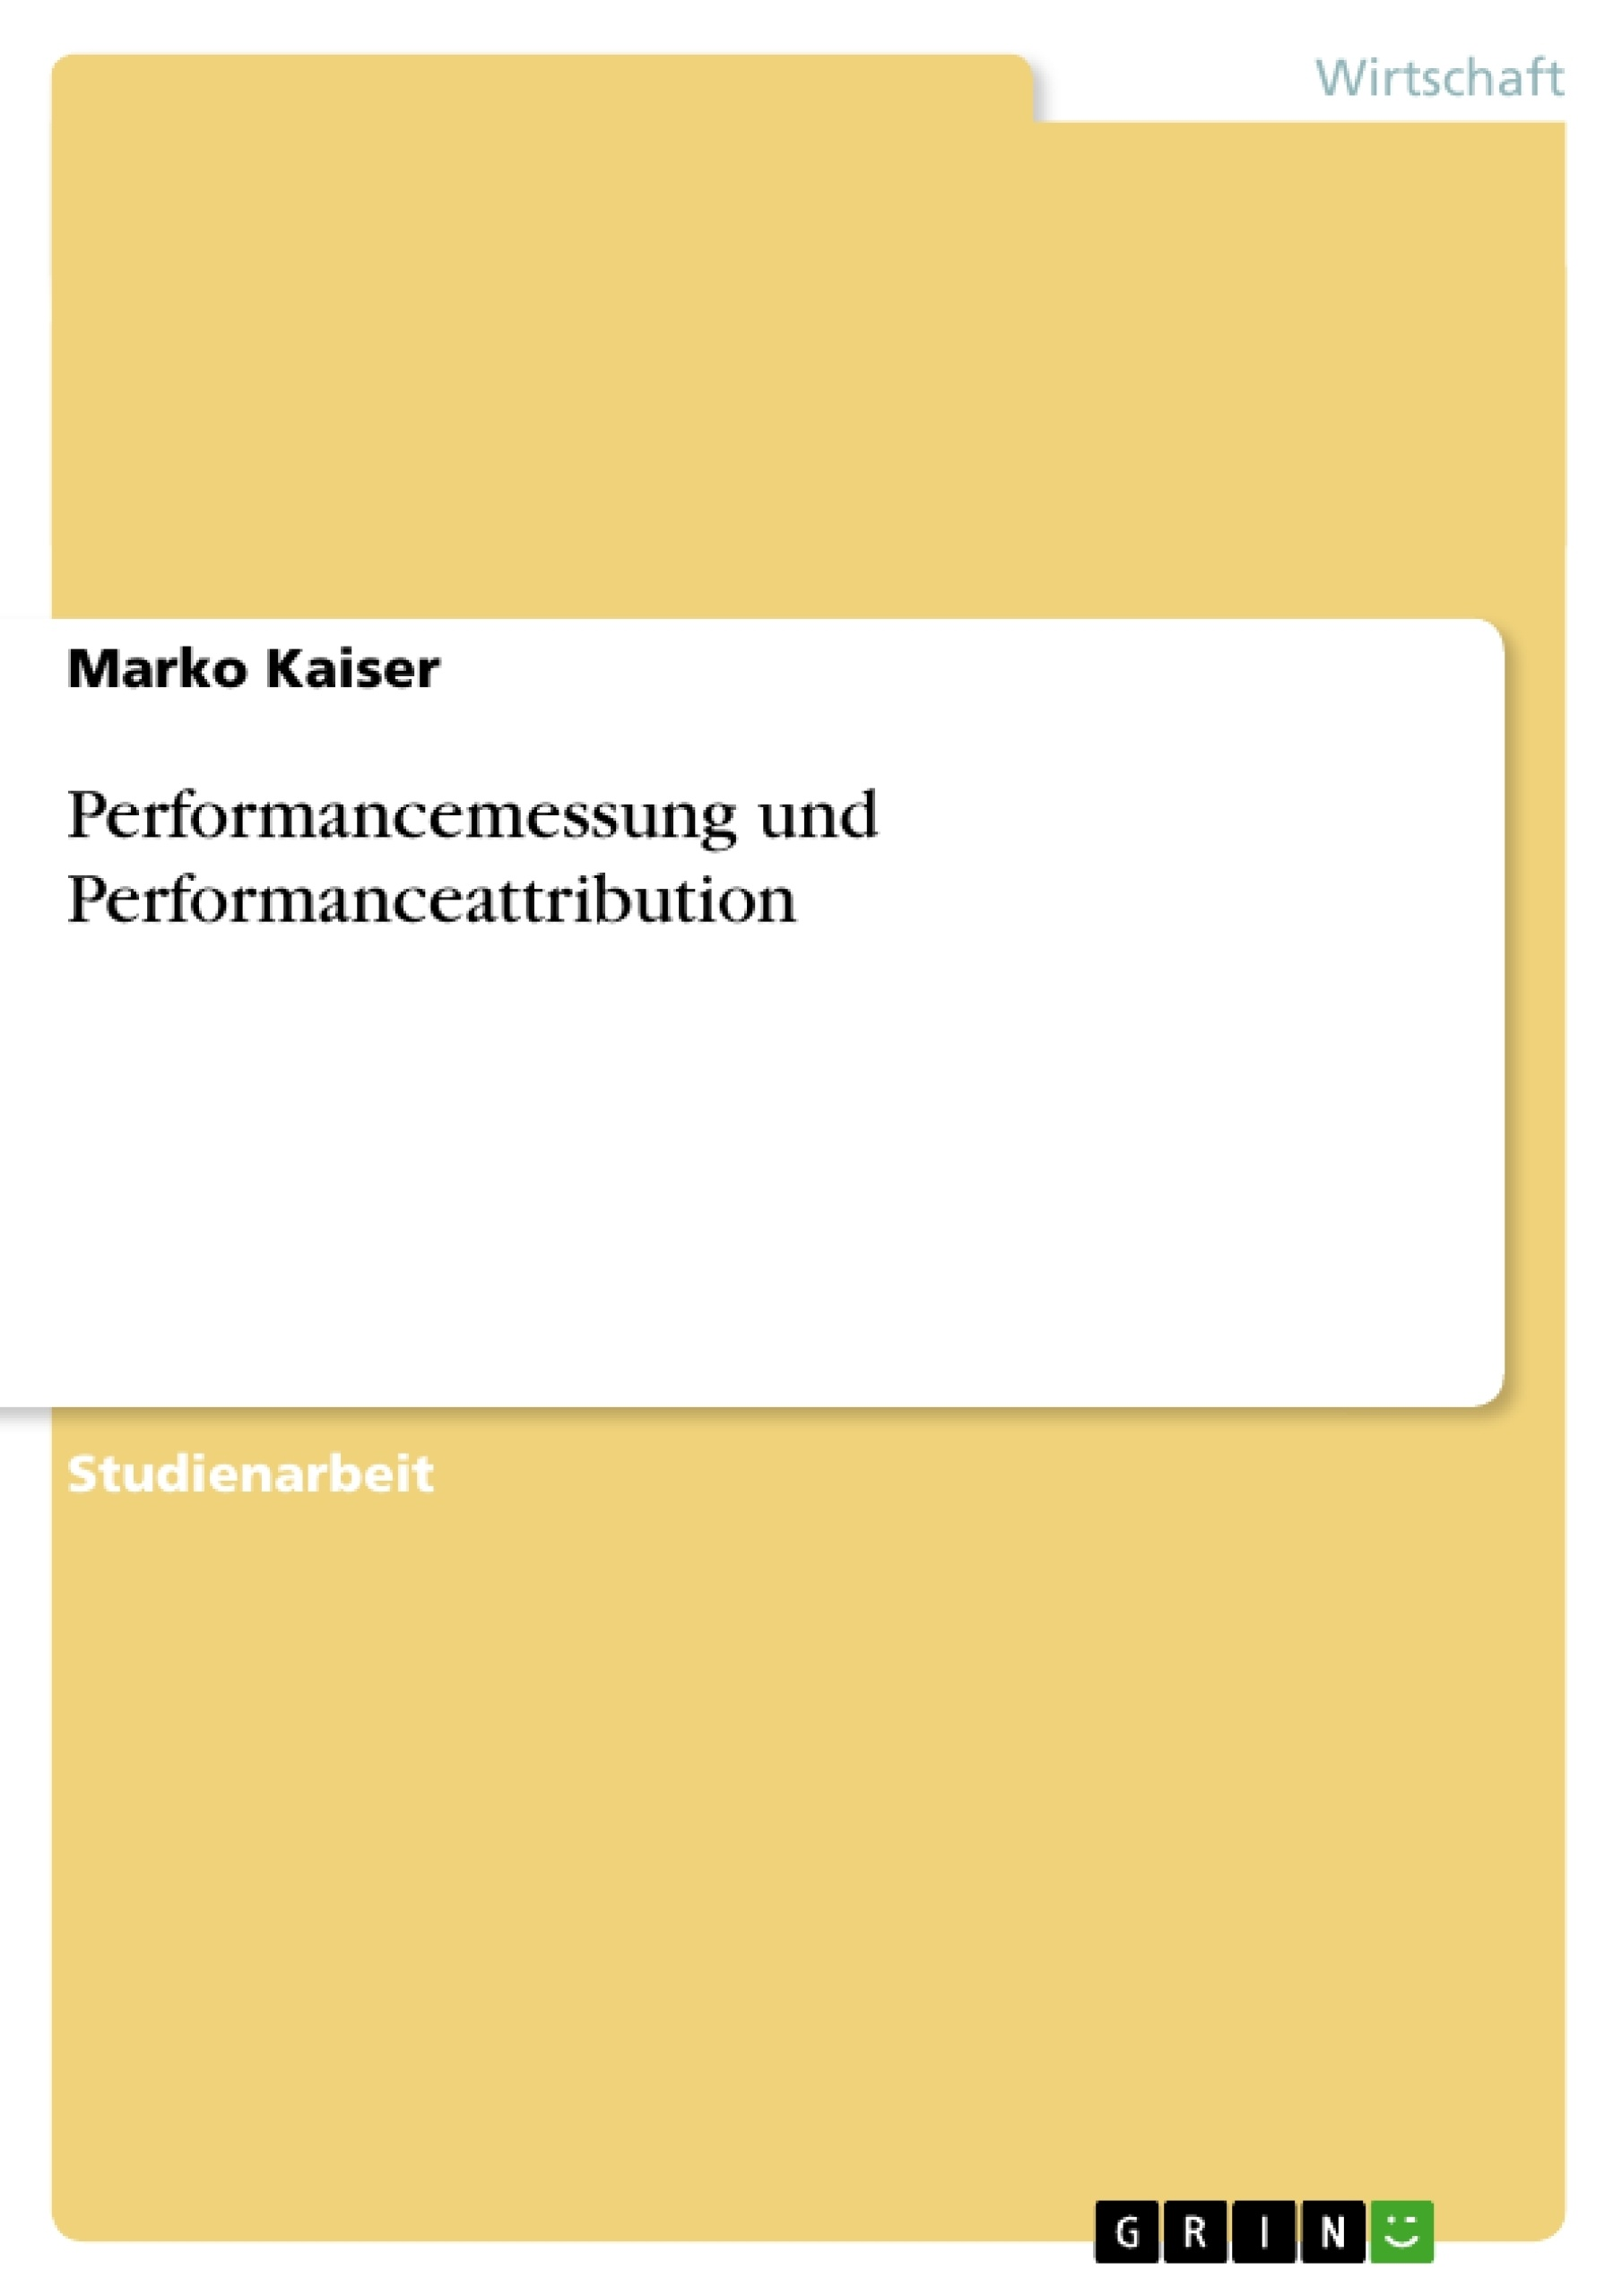 Titel: Performancemessung und Performanceattribution